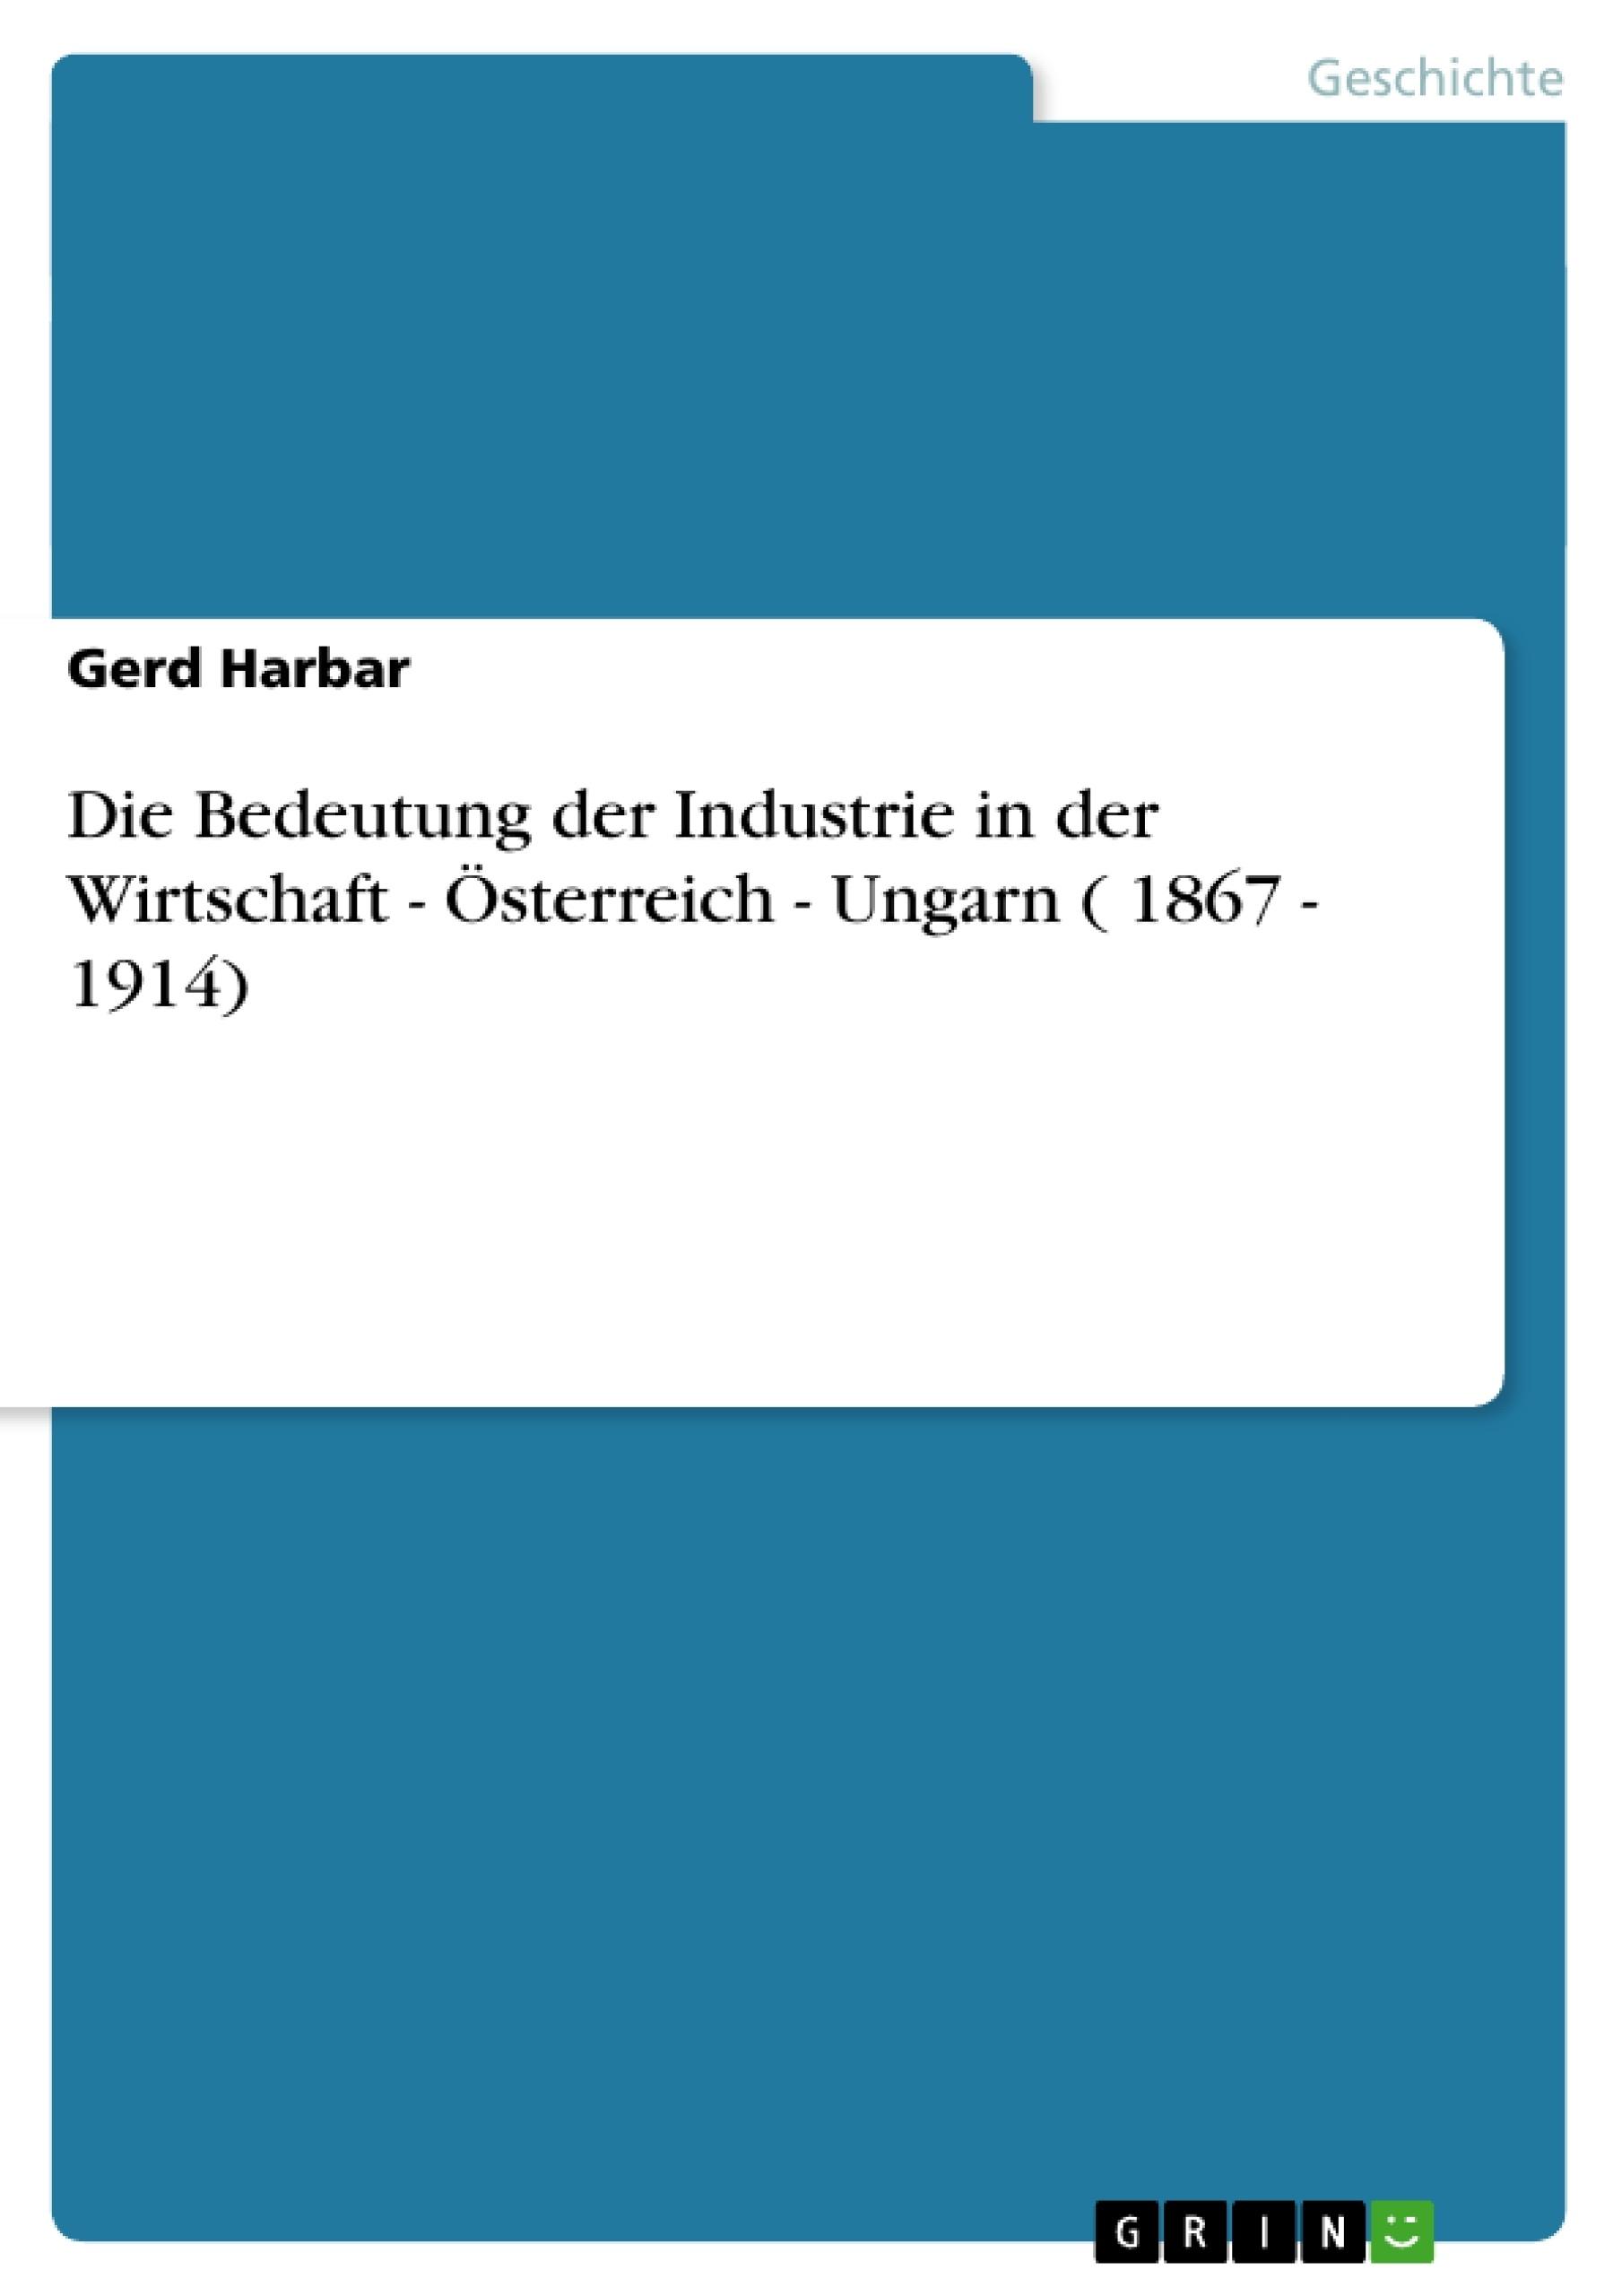 Titel: Die Bedeutung der Industrie in der Wirtschaft - Österreich - Ungarn ( 1867 - 1914)